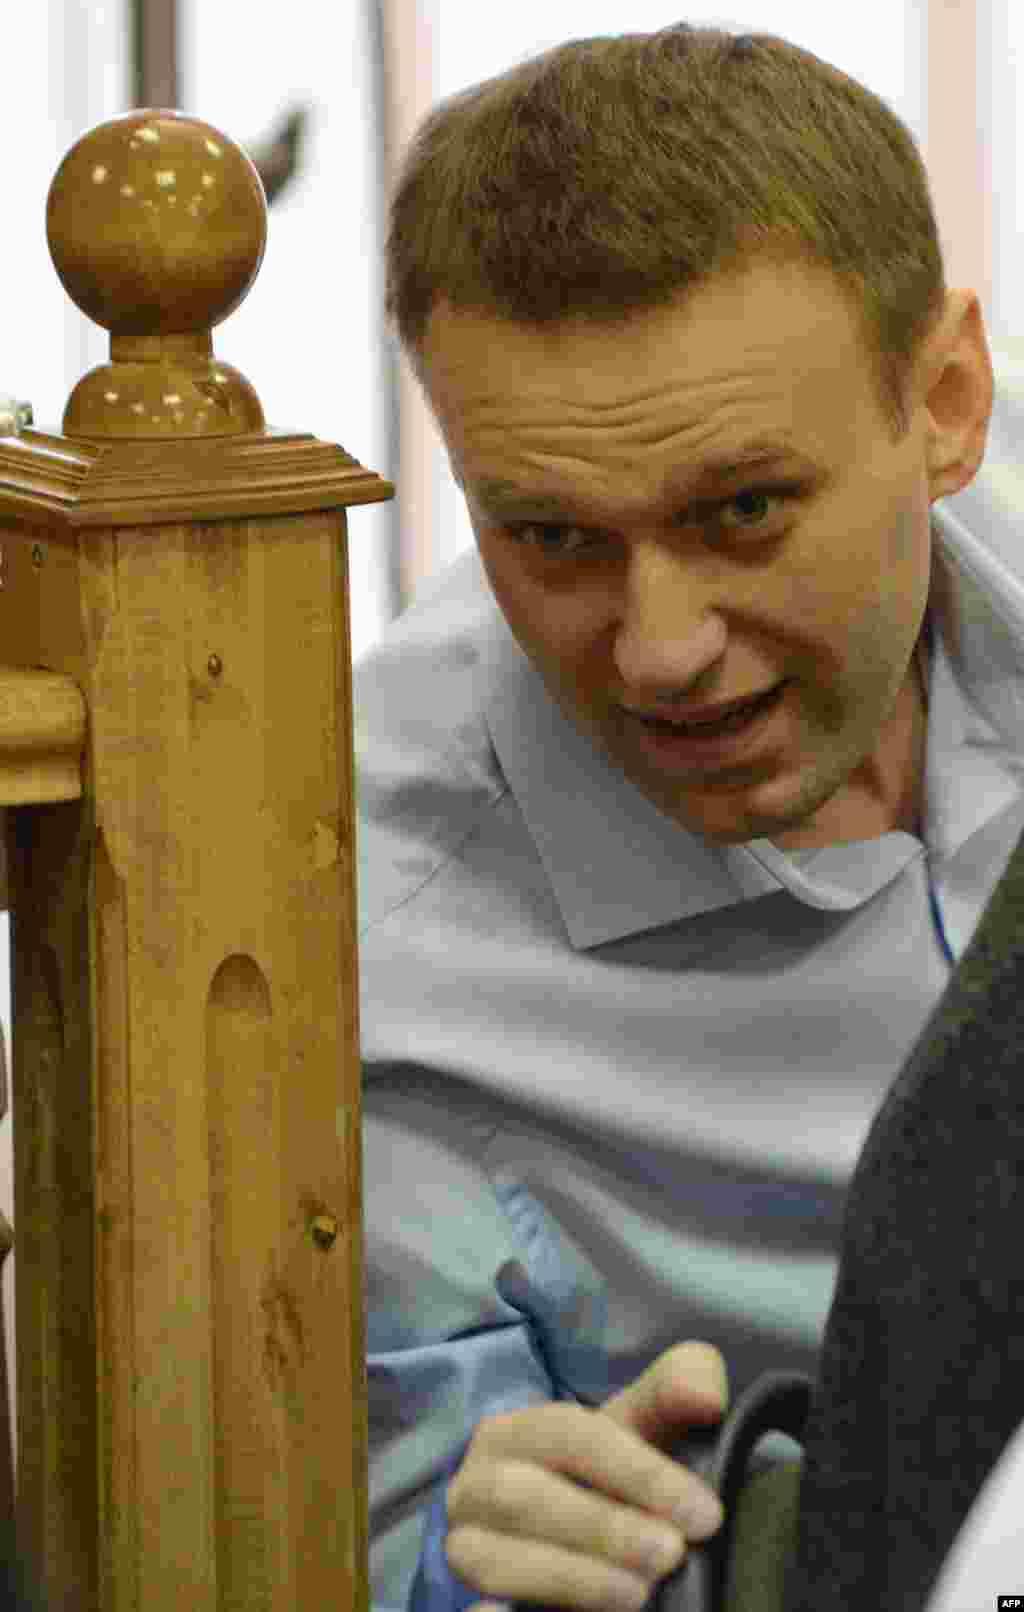 В обвинительном заключении указаны две разные суммы ущерба, якобы причиненного Навальным. Это одно из оснований ходатайства защиты о возвращении дела прокурору